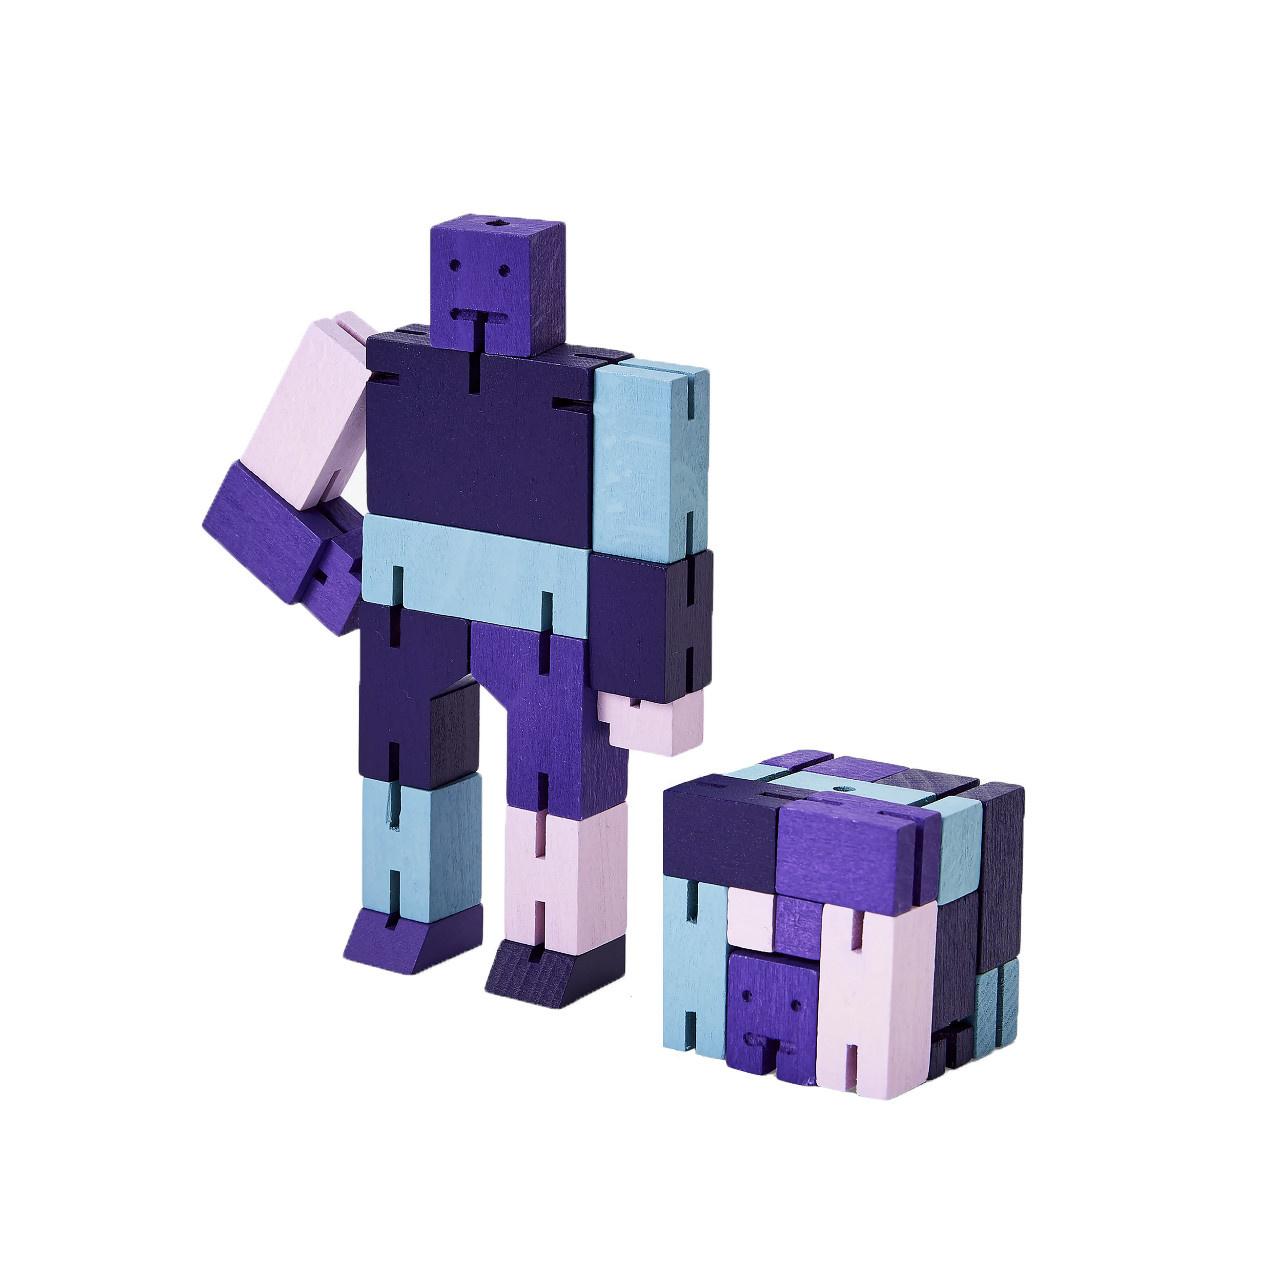 Cubebot Capsule Micro - Purple Multi